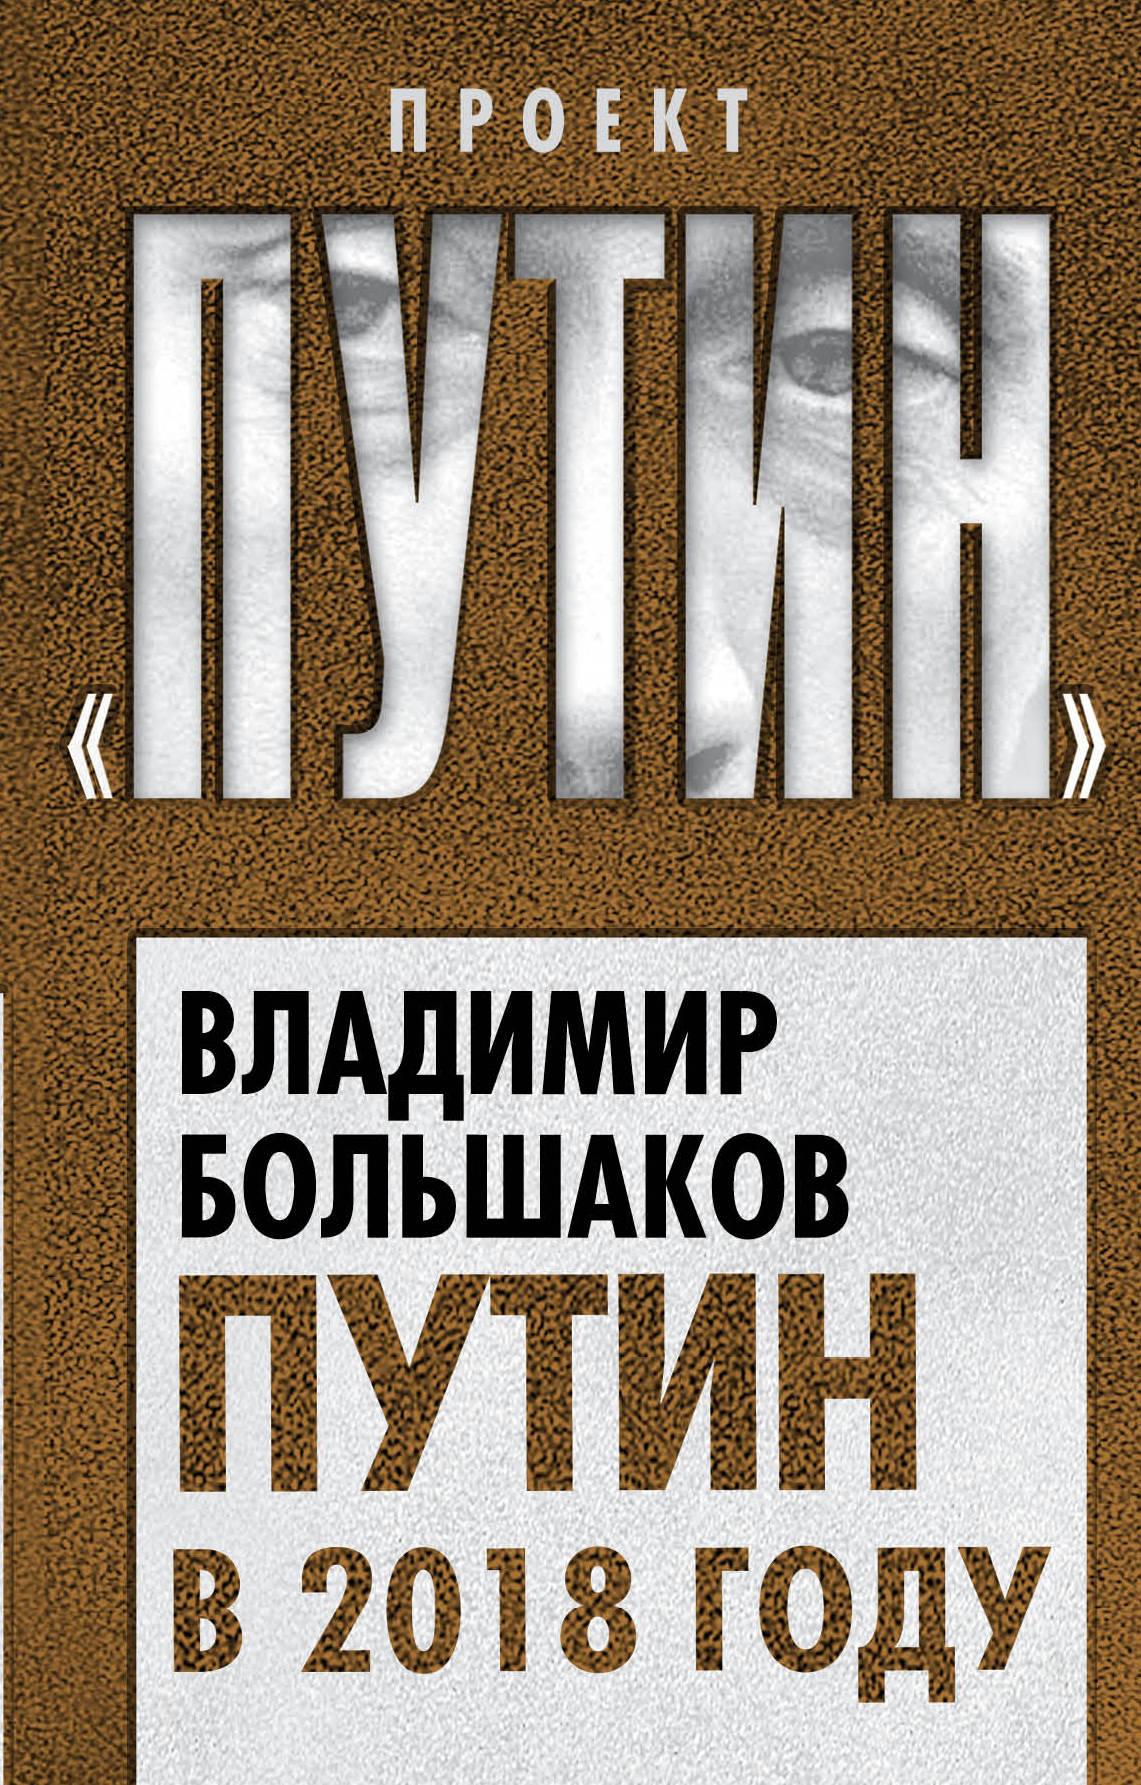 Владимир Большаков Путин в 2018 году колонна raffaello 1107881